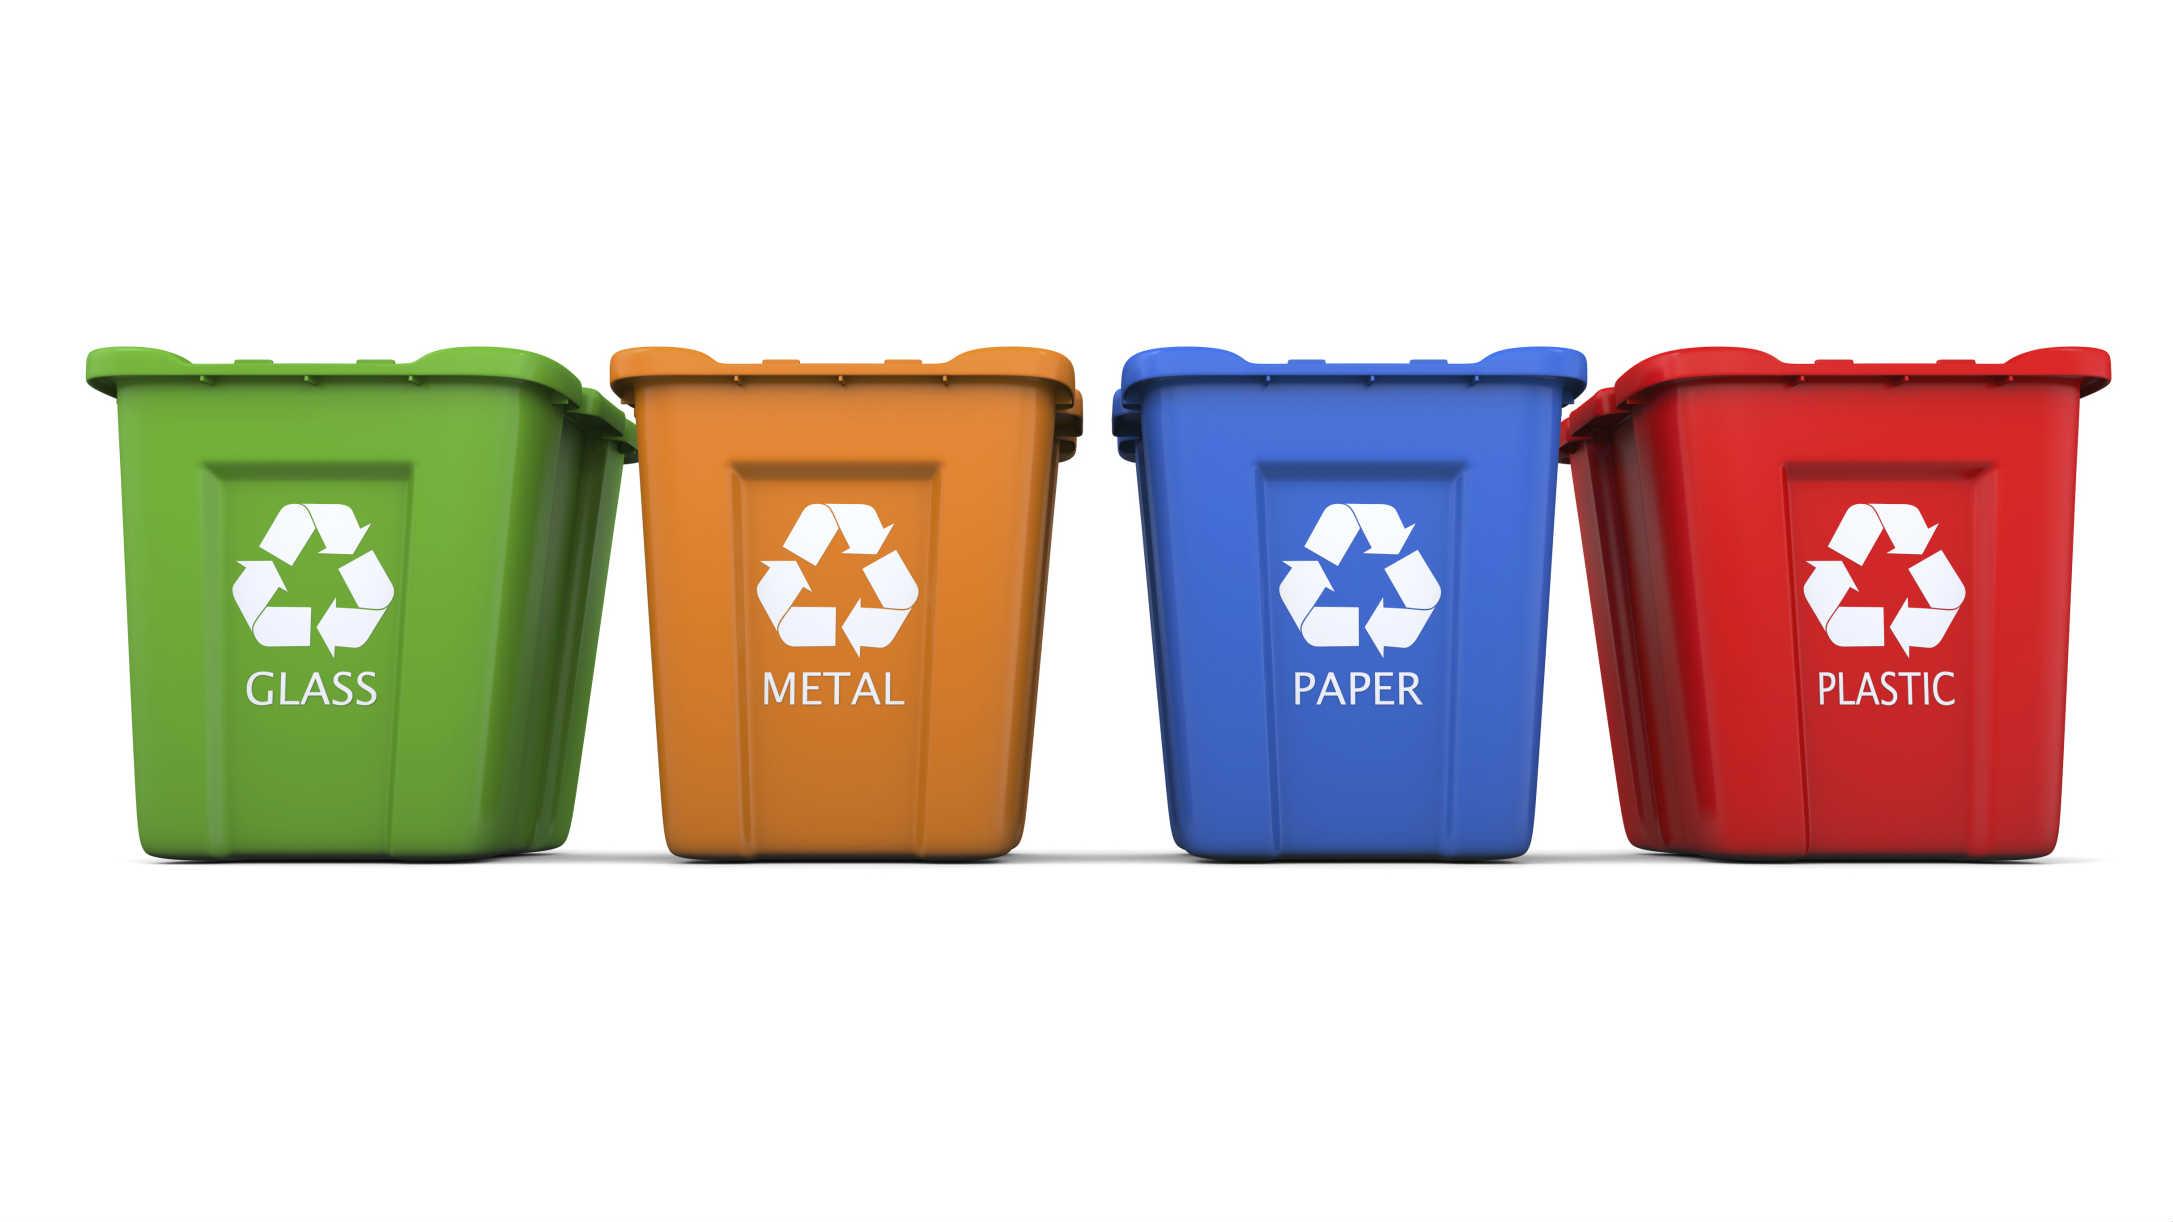 Jak Prawidlowo Zorganizowac Segregacje Odpadow W Domu Allegro Pl